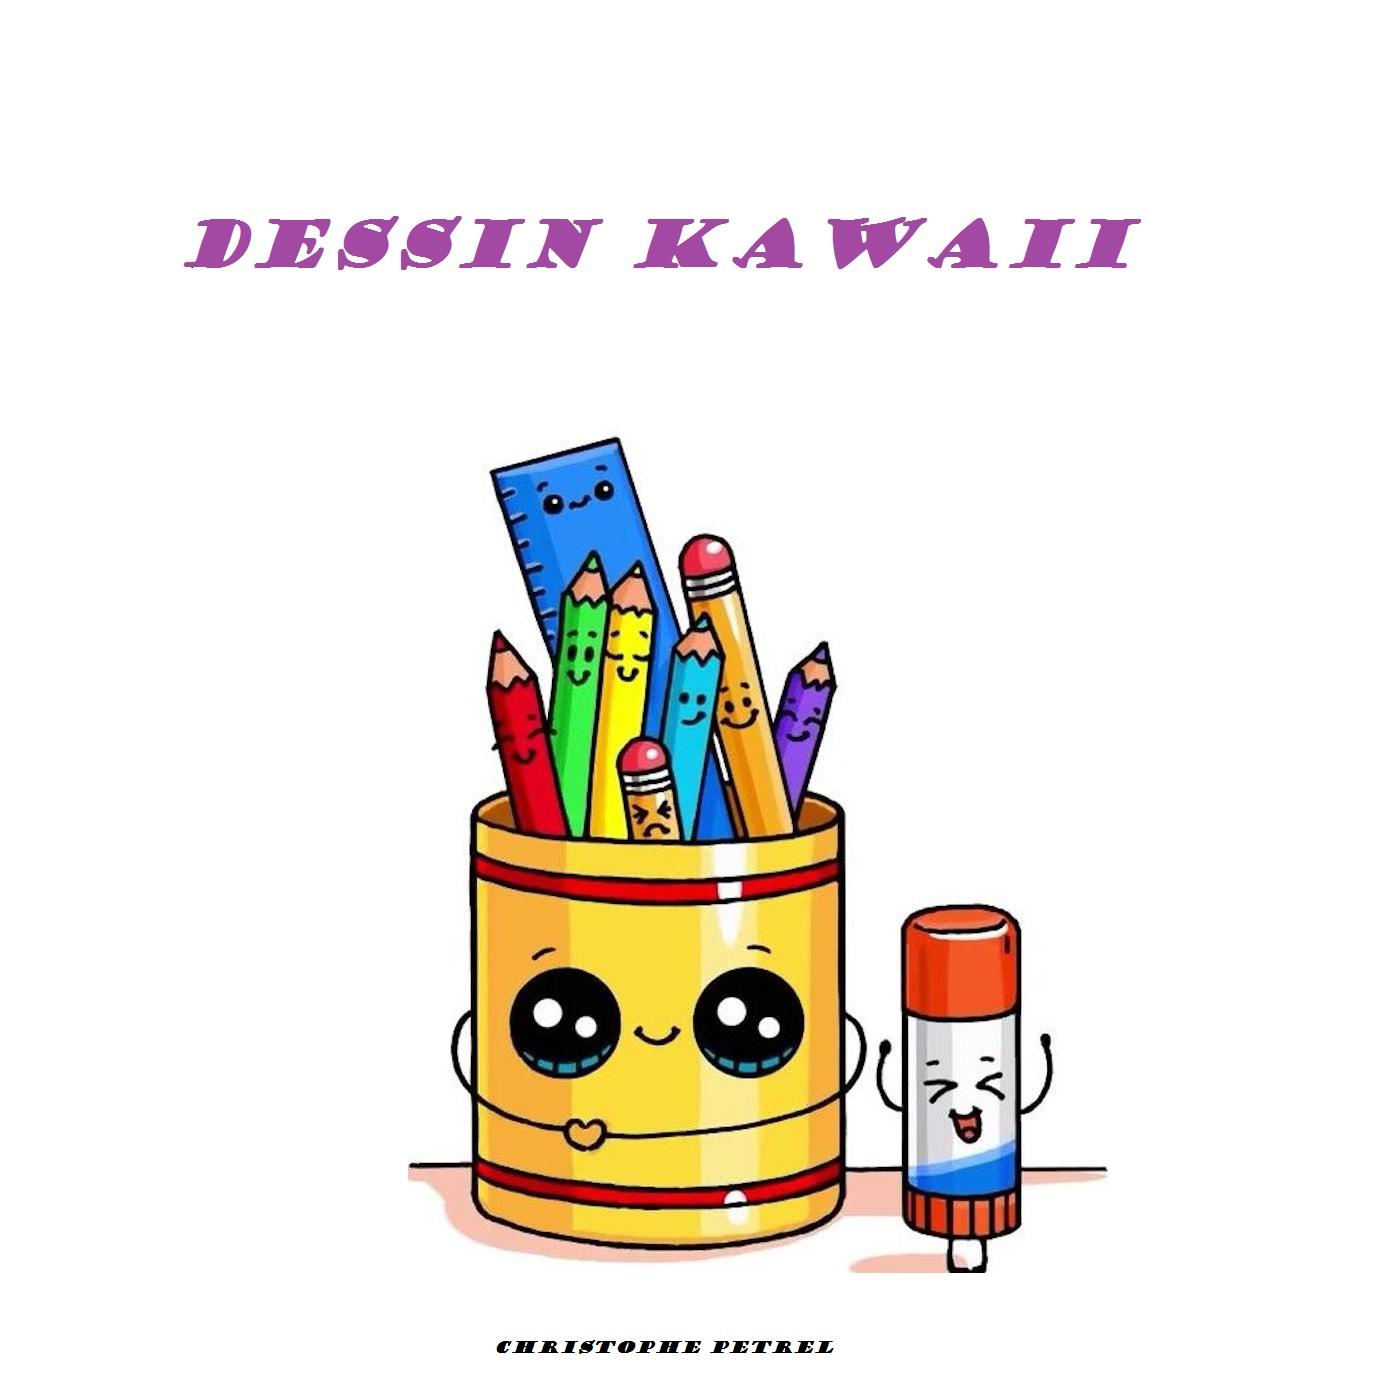 Dessin Kawaii Livre Pour Apprendre Le Dessin Kawaii Facilement